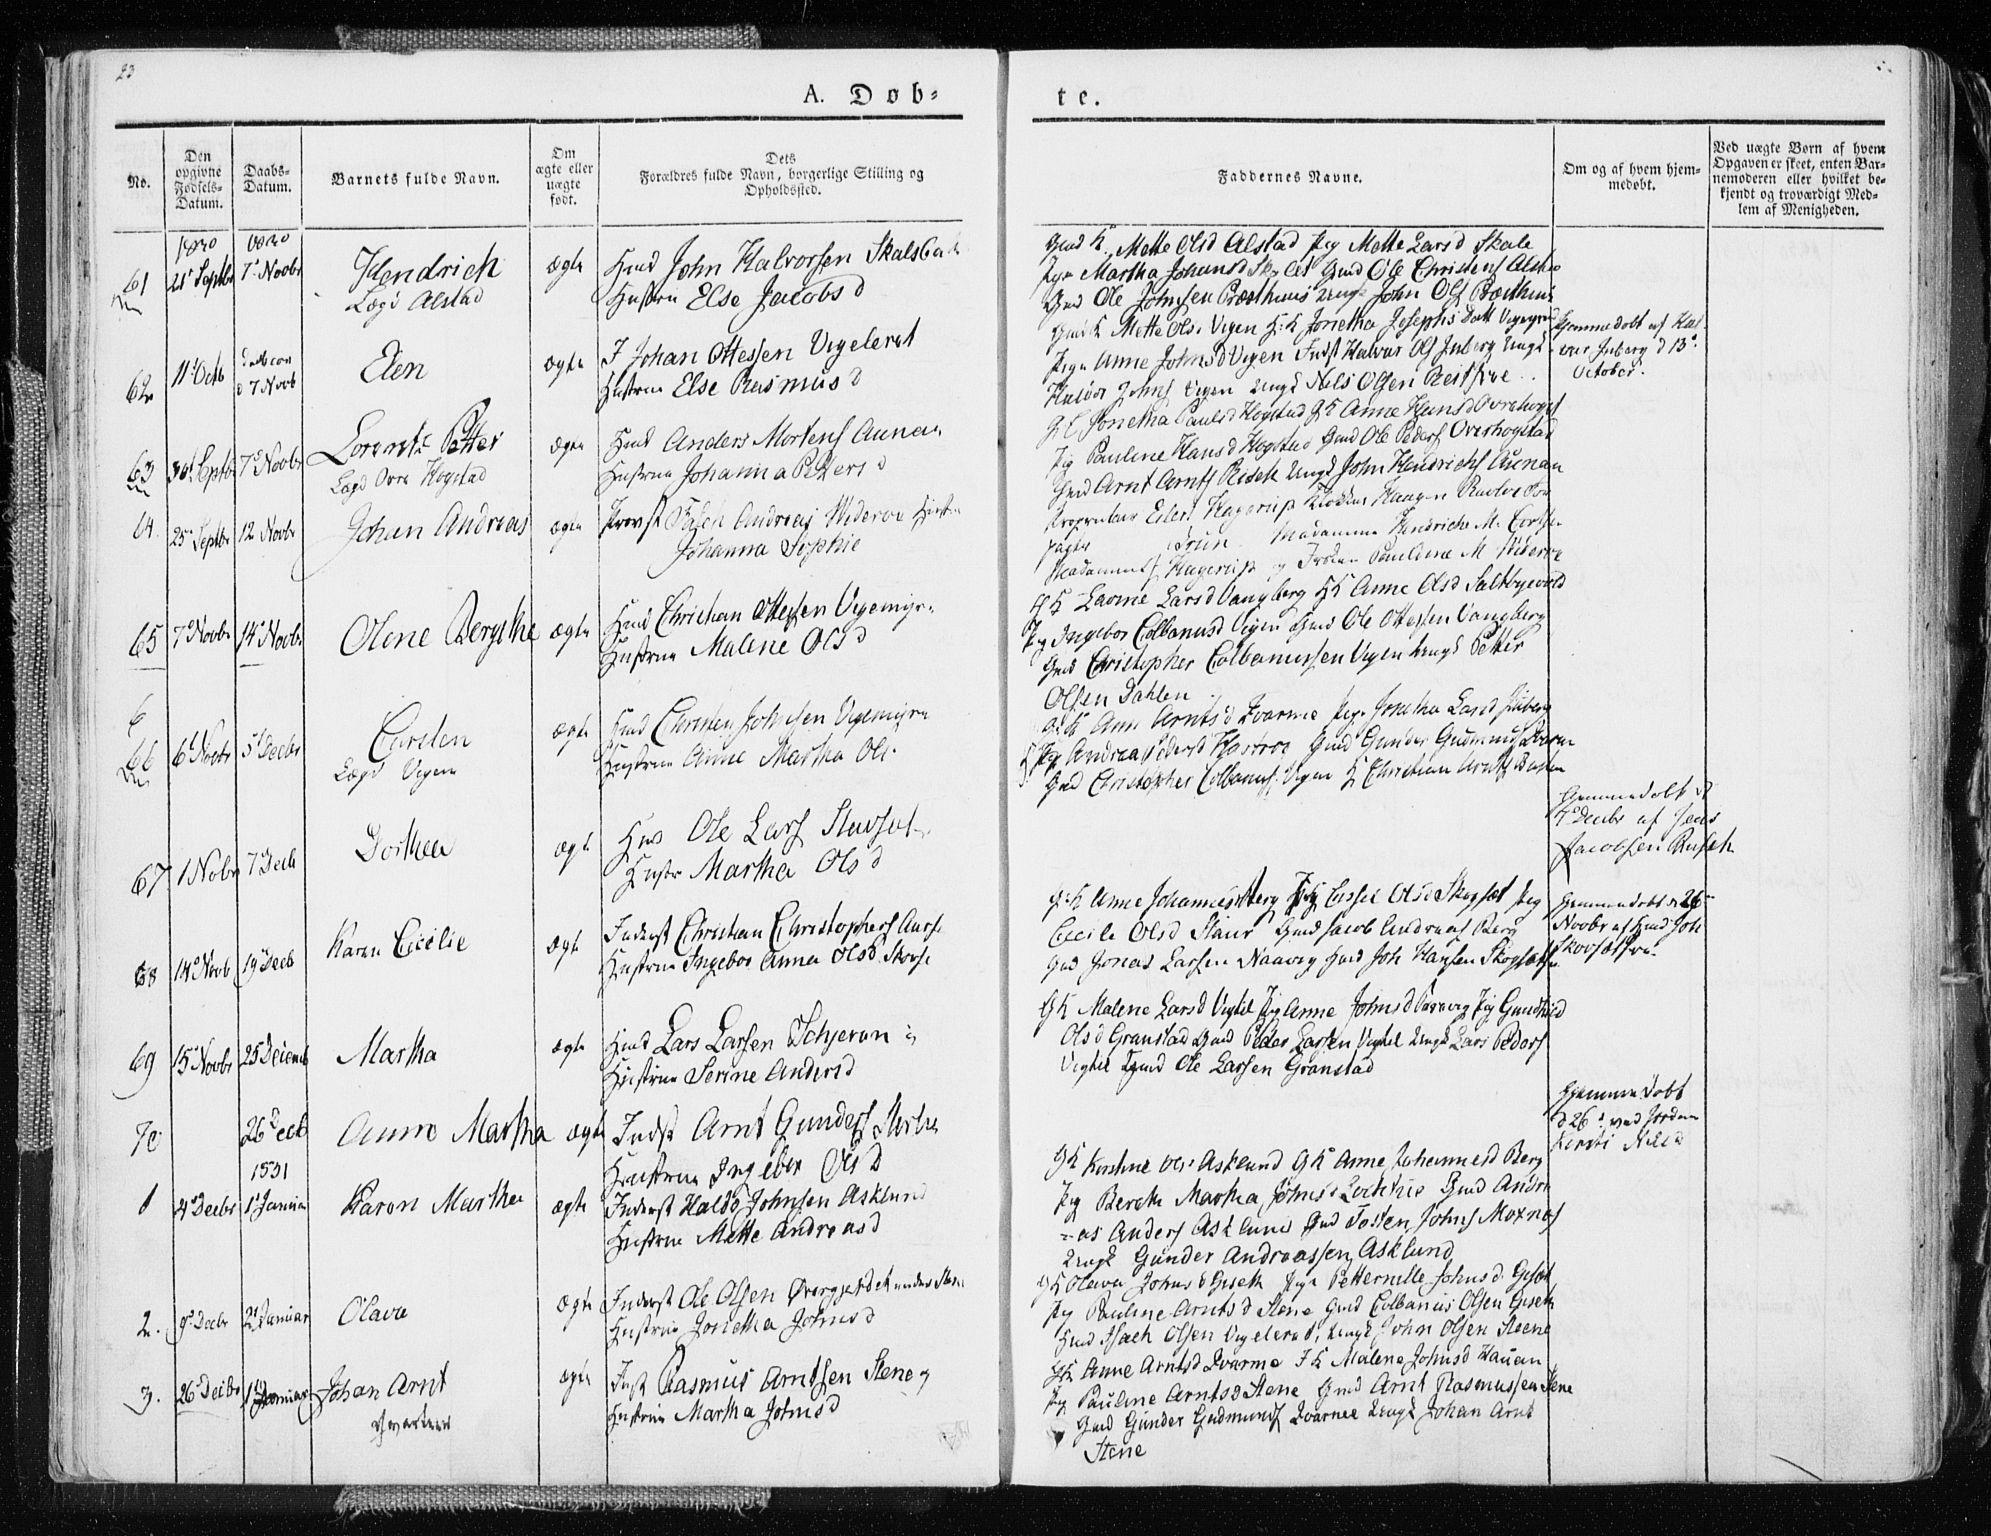 SAT, Ministerialprotokoller, klokkerbøker og fødselsregistre - Nord-Trøndelag, 713/L0114: Ministerialbok nr. 713A05, 1827-1839, s. 23